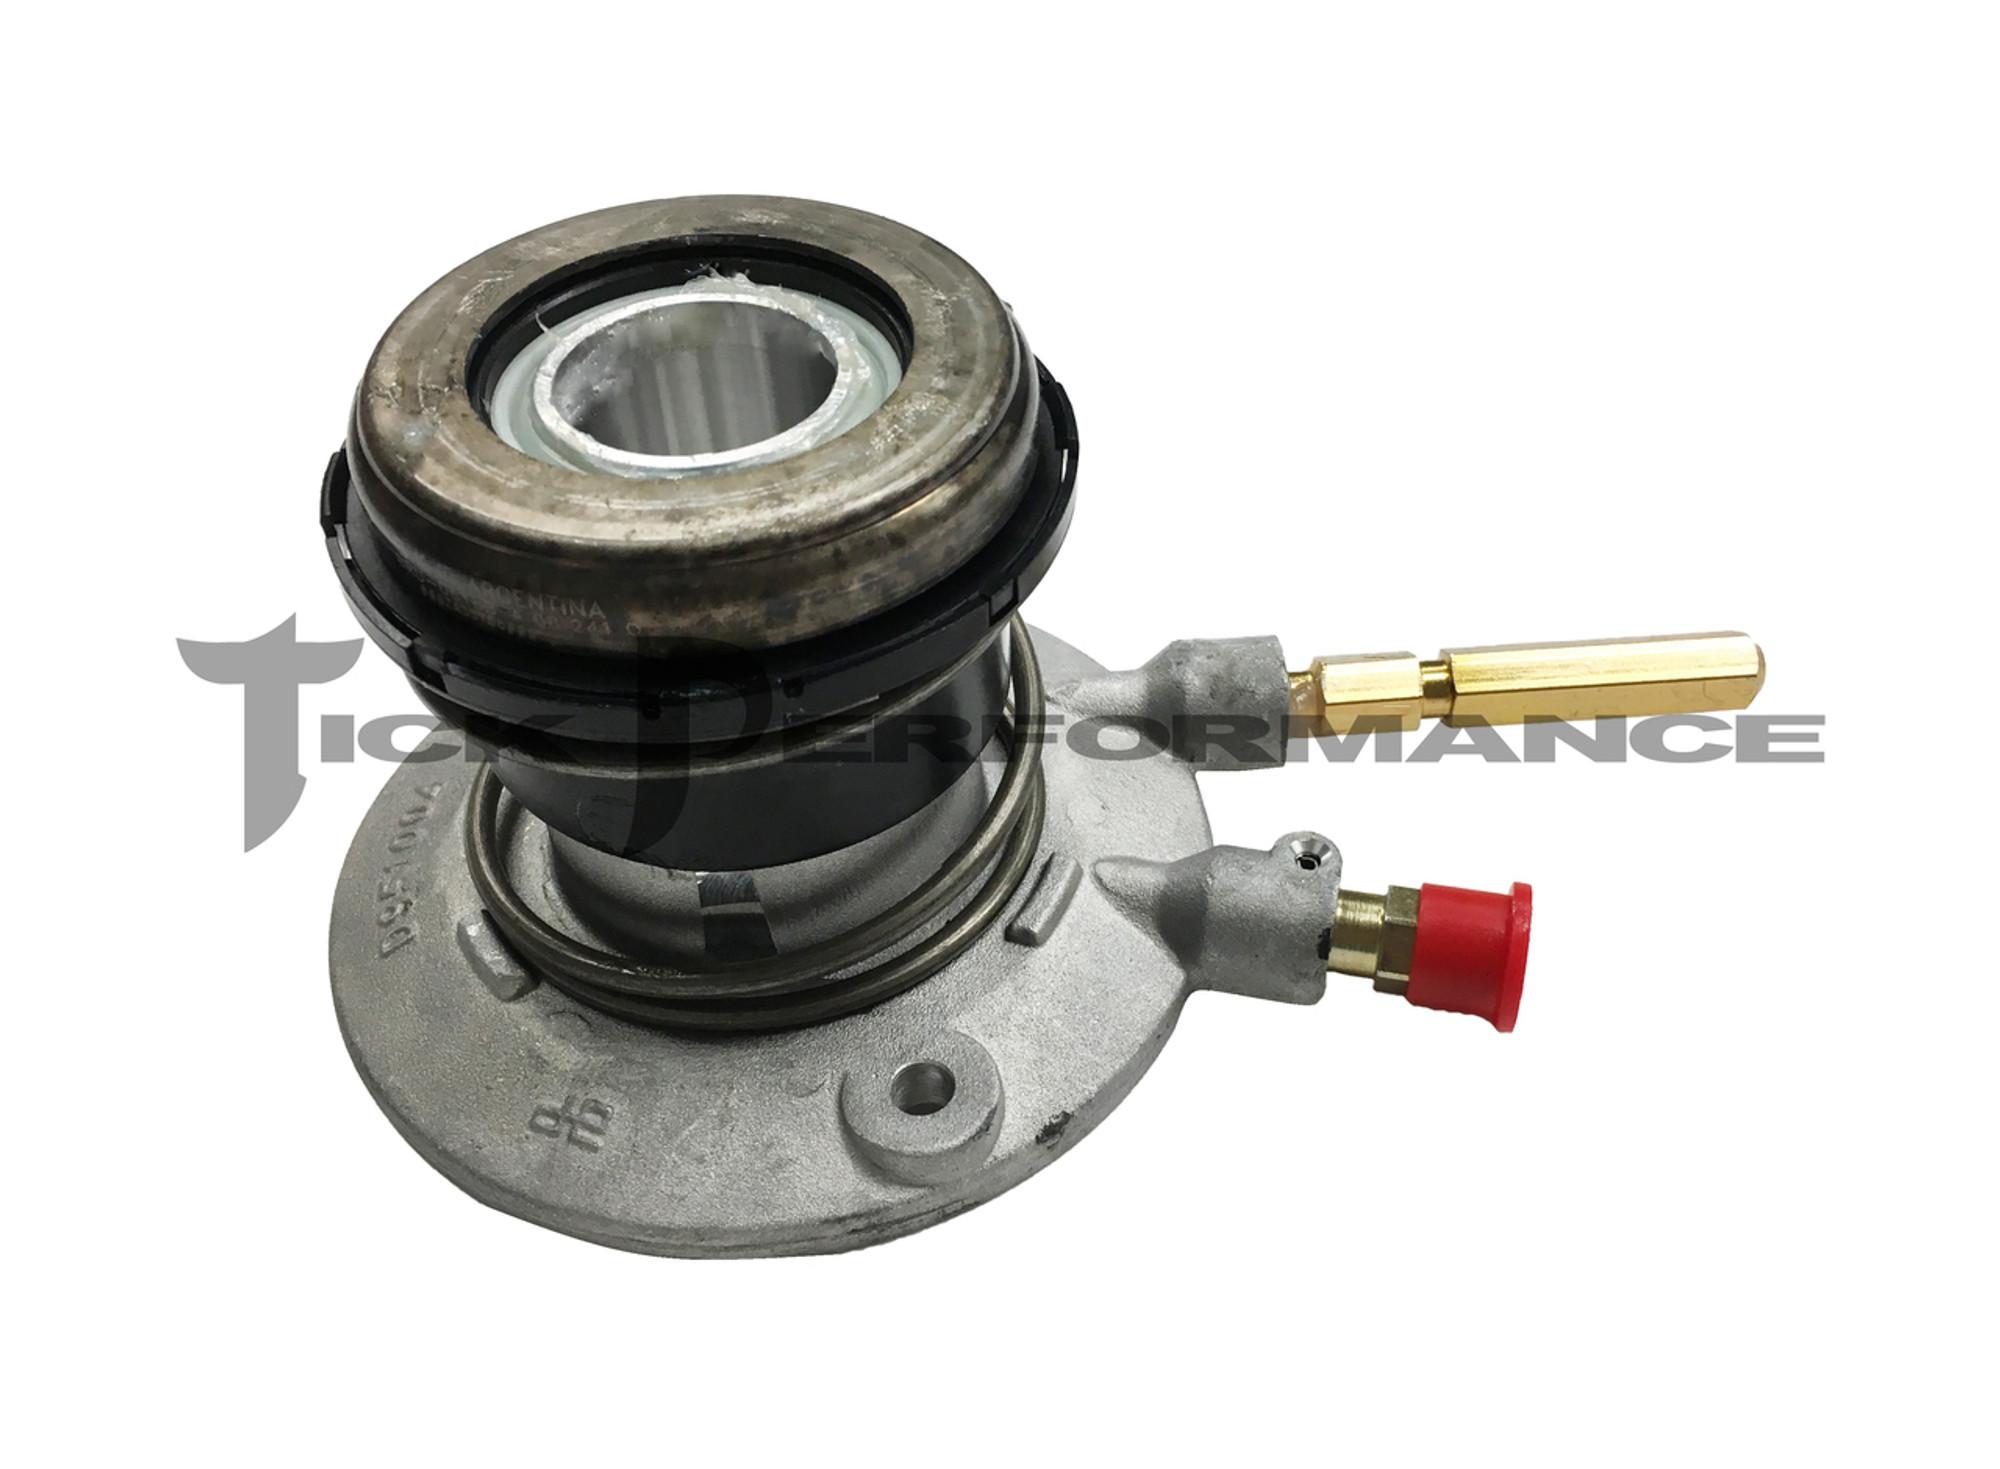 Gto Ls2 Engine Parts Diagram Circuit Diagram Symbols \u2022 Pontiac GTO LS2  Engine 6.0L Gto Ls2 Engine Diagram